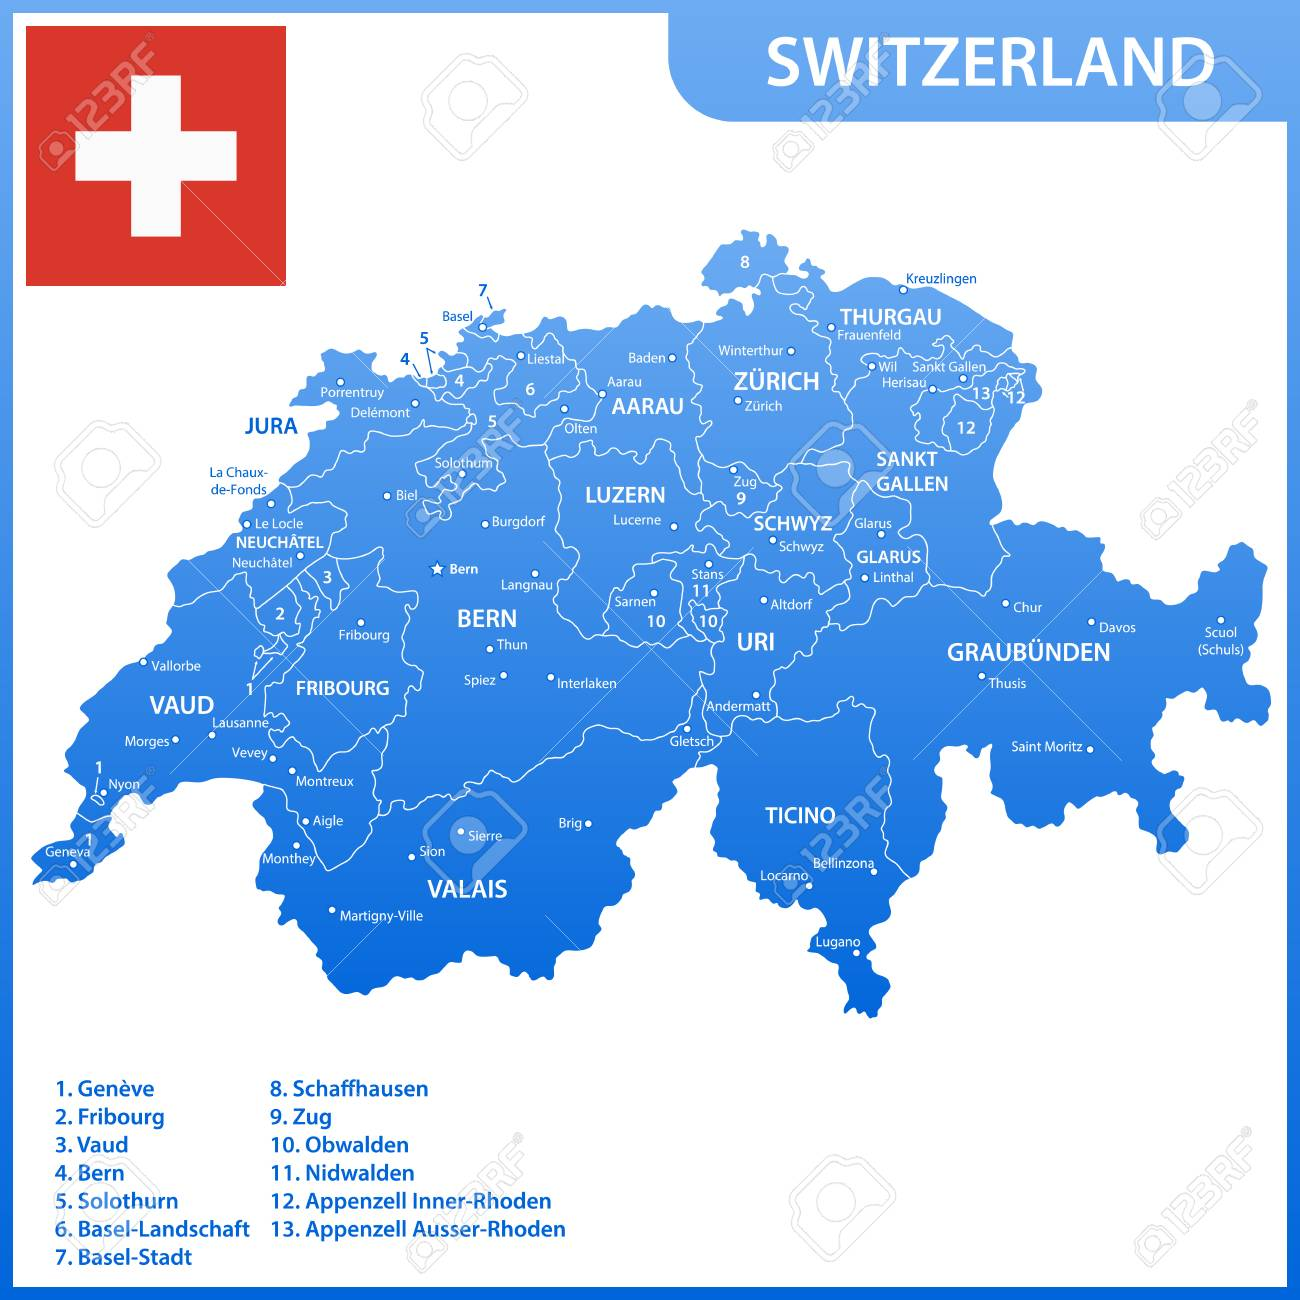 Dettagliata Cartina Della Svizzera.Vettoriale La Mappa Dettagliata Della Svizzera Con Regioni O Stati E Citta Capitali Bandiera Nazionale Image 91118768